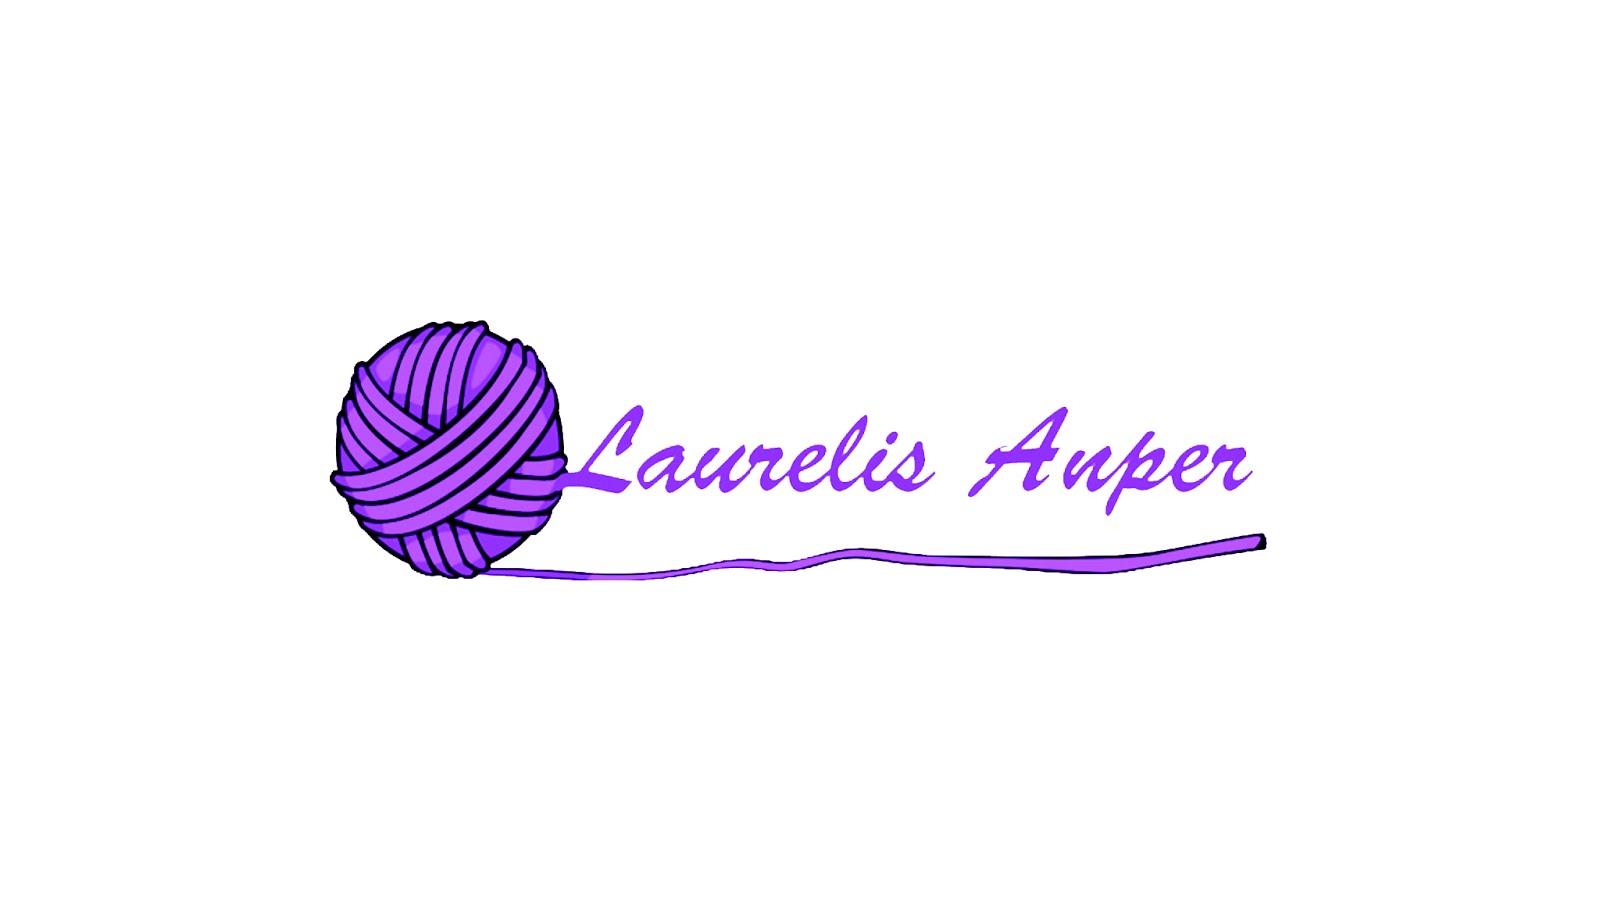 Telar maya Laurelis Anper